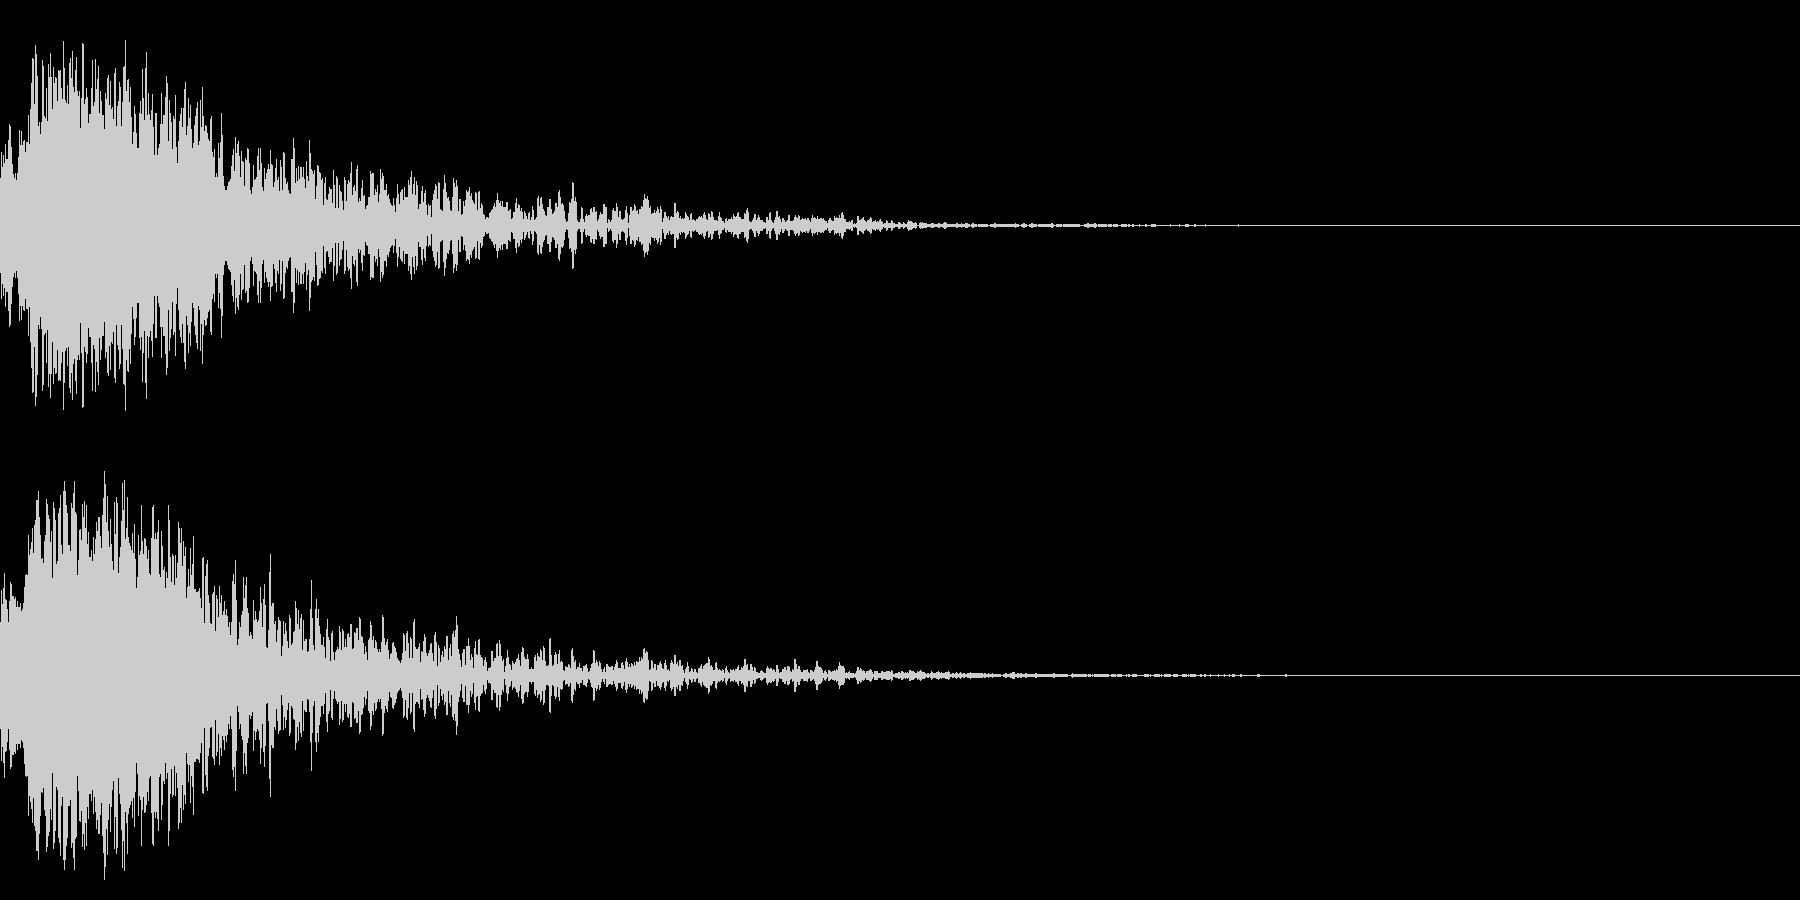 効果音 和風キラーン 2の未再生の波形